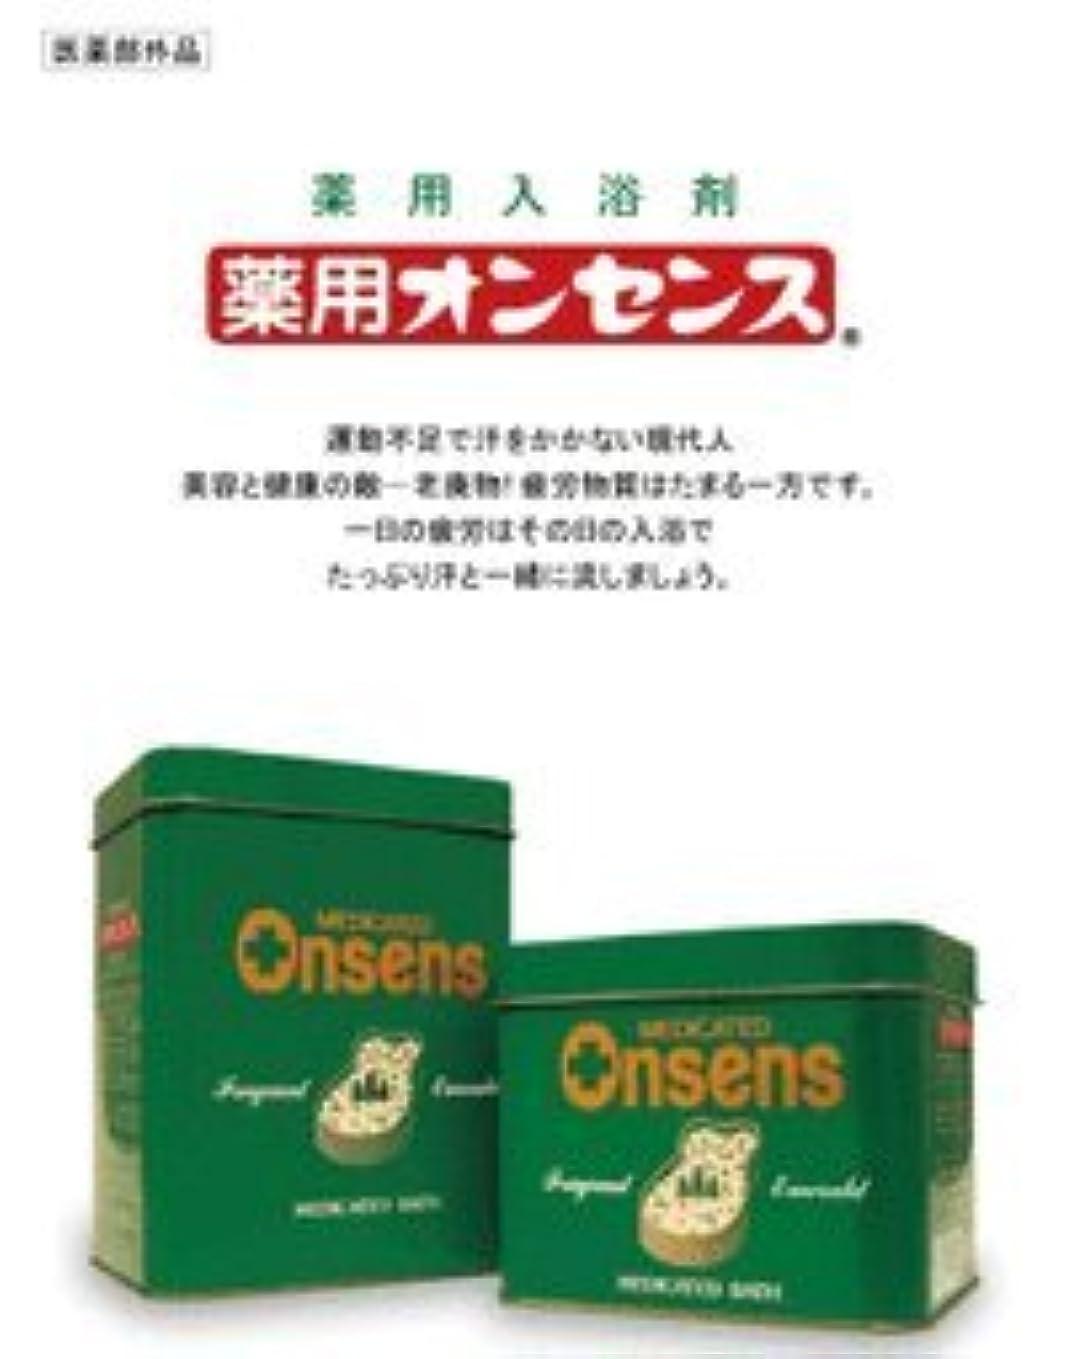 ずるい等精神的に薬用オンセンス 1.4kg缶 薬用入浴剤 松葉エキス(松柏科植物の製油) 入浴剤 医薬部外品